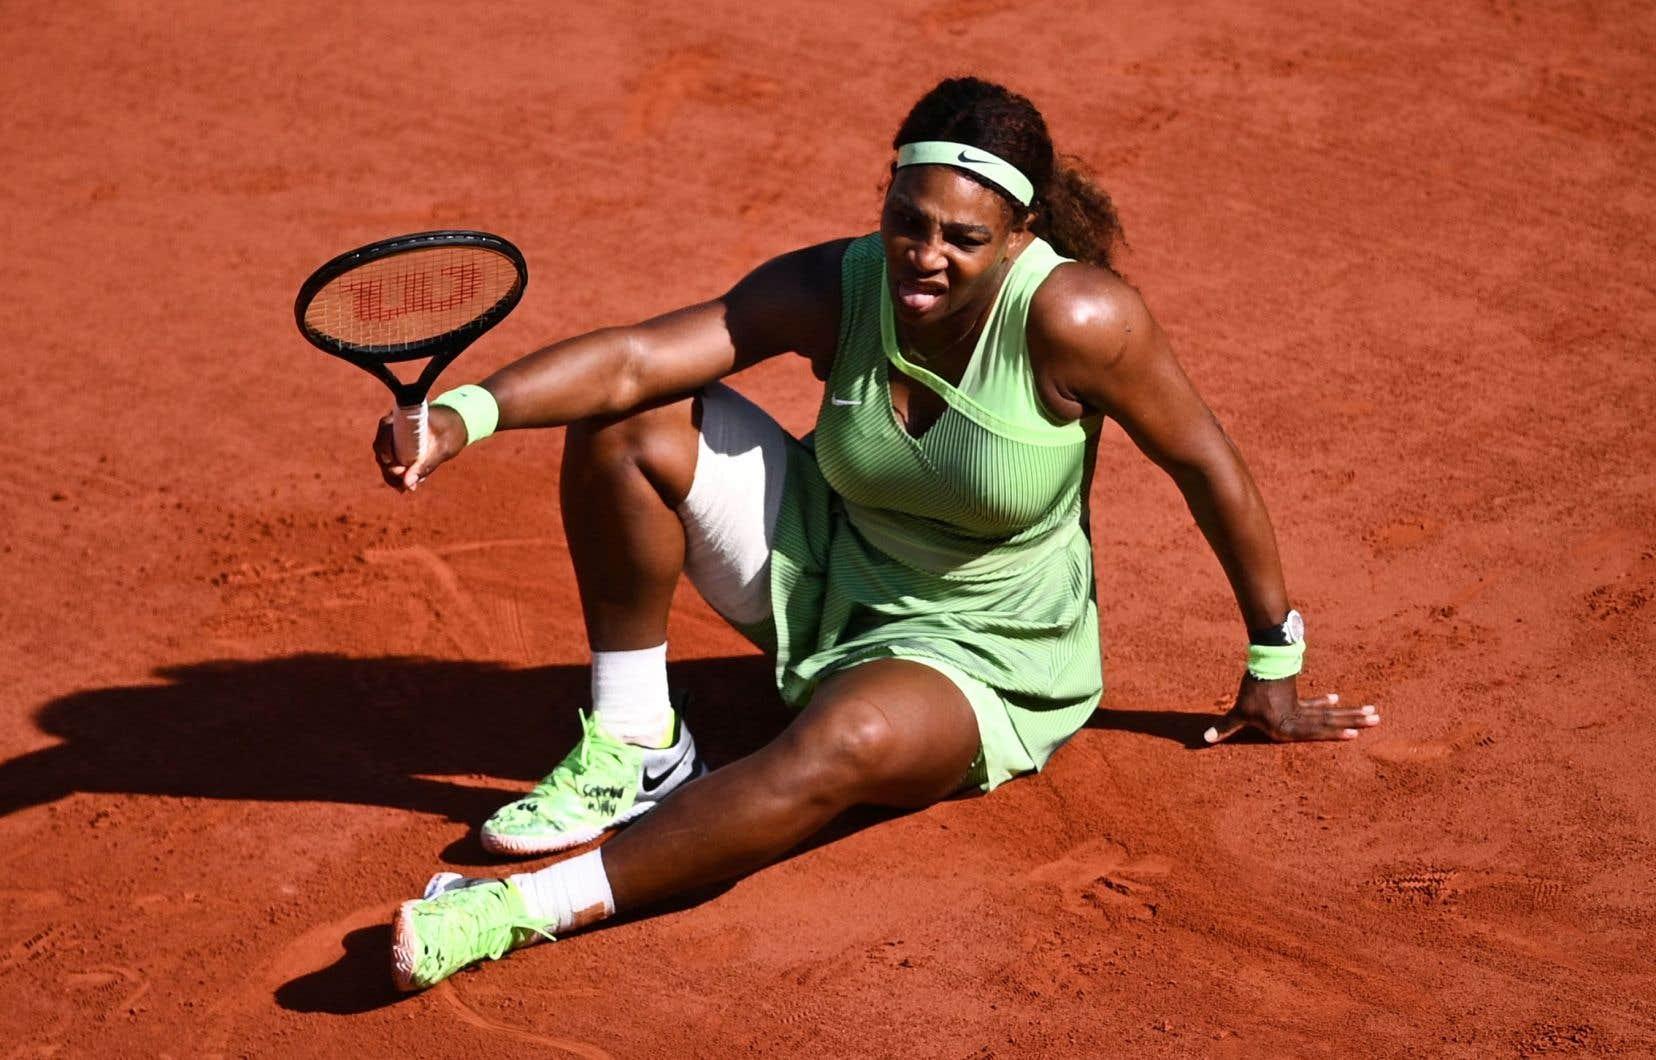 Serena Williams n'a pas gagné de titre majeur depuis 2017. Elle présentait jusqu'ici une fiche de 13-0 en carrière contre des représentantes du Kazakhstan.